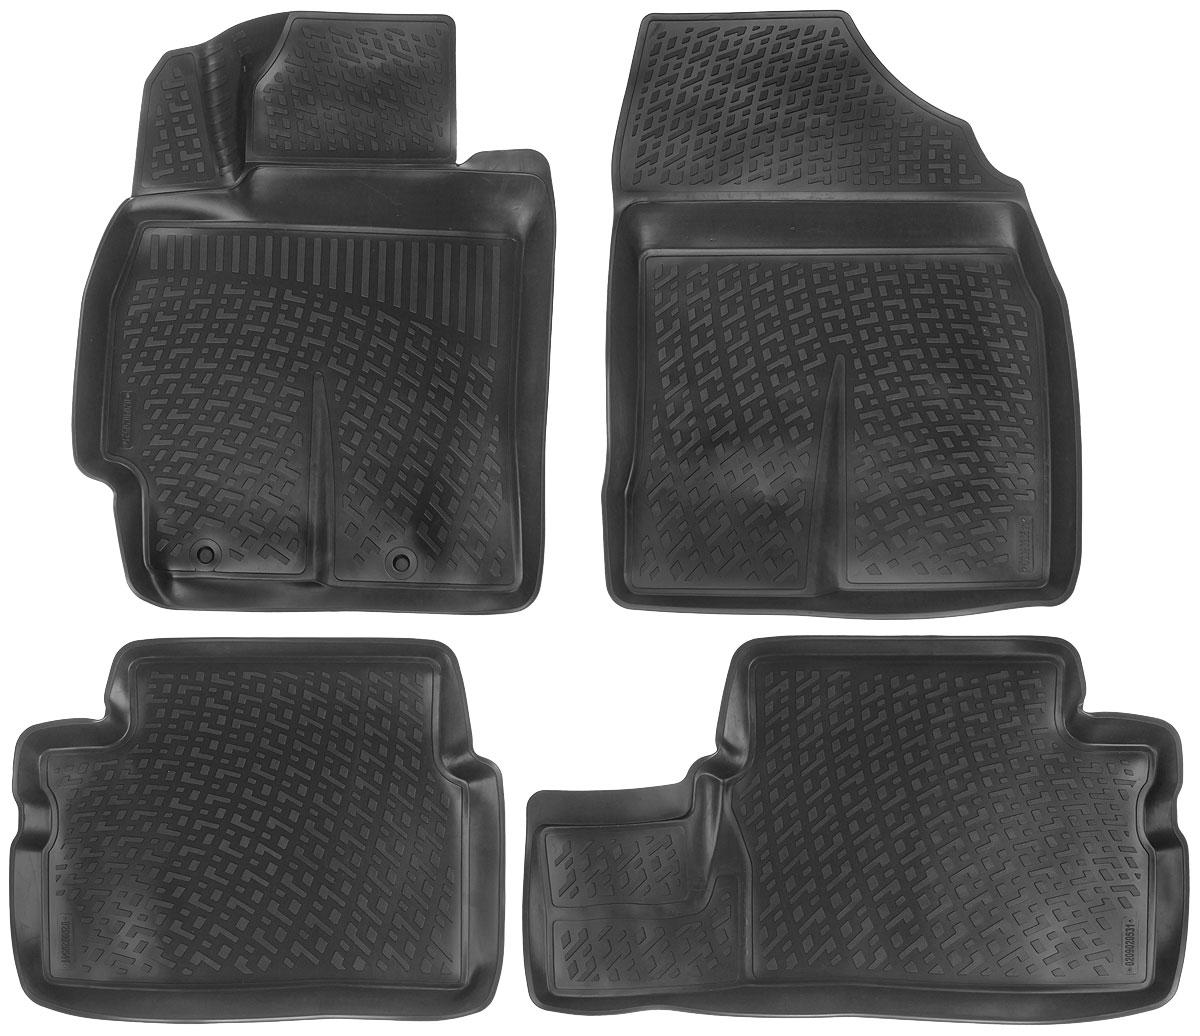 Набор автомобильных ковриков L.Locker Toyota Corolla/Auris 2007, в салон, 4 шт0209020501Набор L.Locker Toyota Corolla/Auris 2007, изготовленный из полиуретана, состоит из 4 антискользящих 3D ковриков, которые производятся индивидуально для каждой модели автомобиля. Изделие точно повторяет геометрию пола автомобиля, имеет высокий борт, обладает повышенной износоустойчивостью, лишено резкого запаха и сохраняет свои потребительские свойства в широком диапазоне температур от -50°С до +50°С. Набор подходит для автомобилей с 2007 года выпуска. Комплектация: 4 шт.Размер ковриков: 73 см х 58 см; 60 см х 46 см; 80 см х 46 см; 74 см х 57 см.